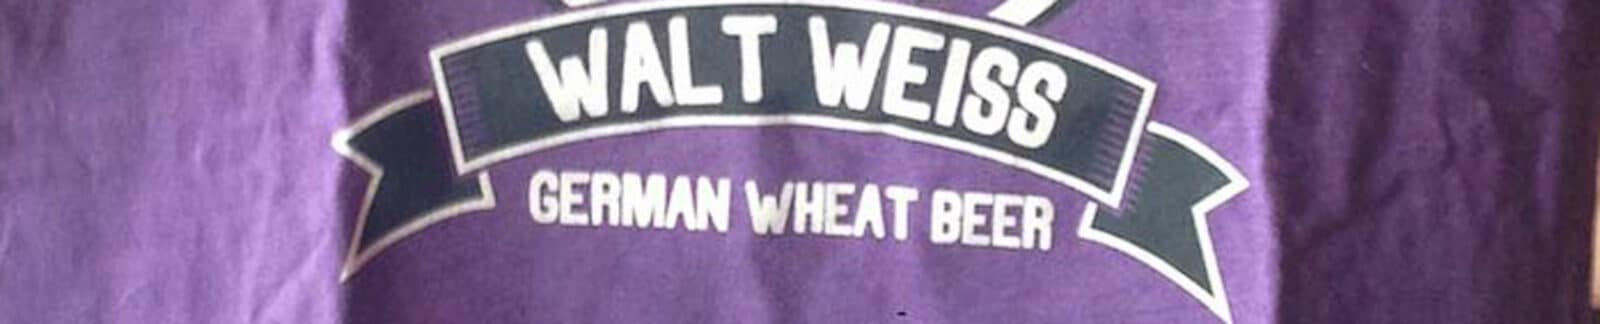 Walt Weiss German Wheat Beer header